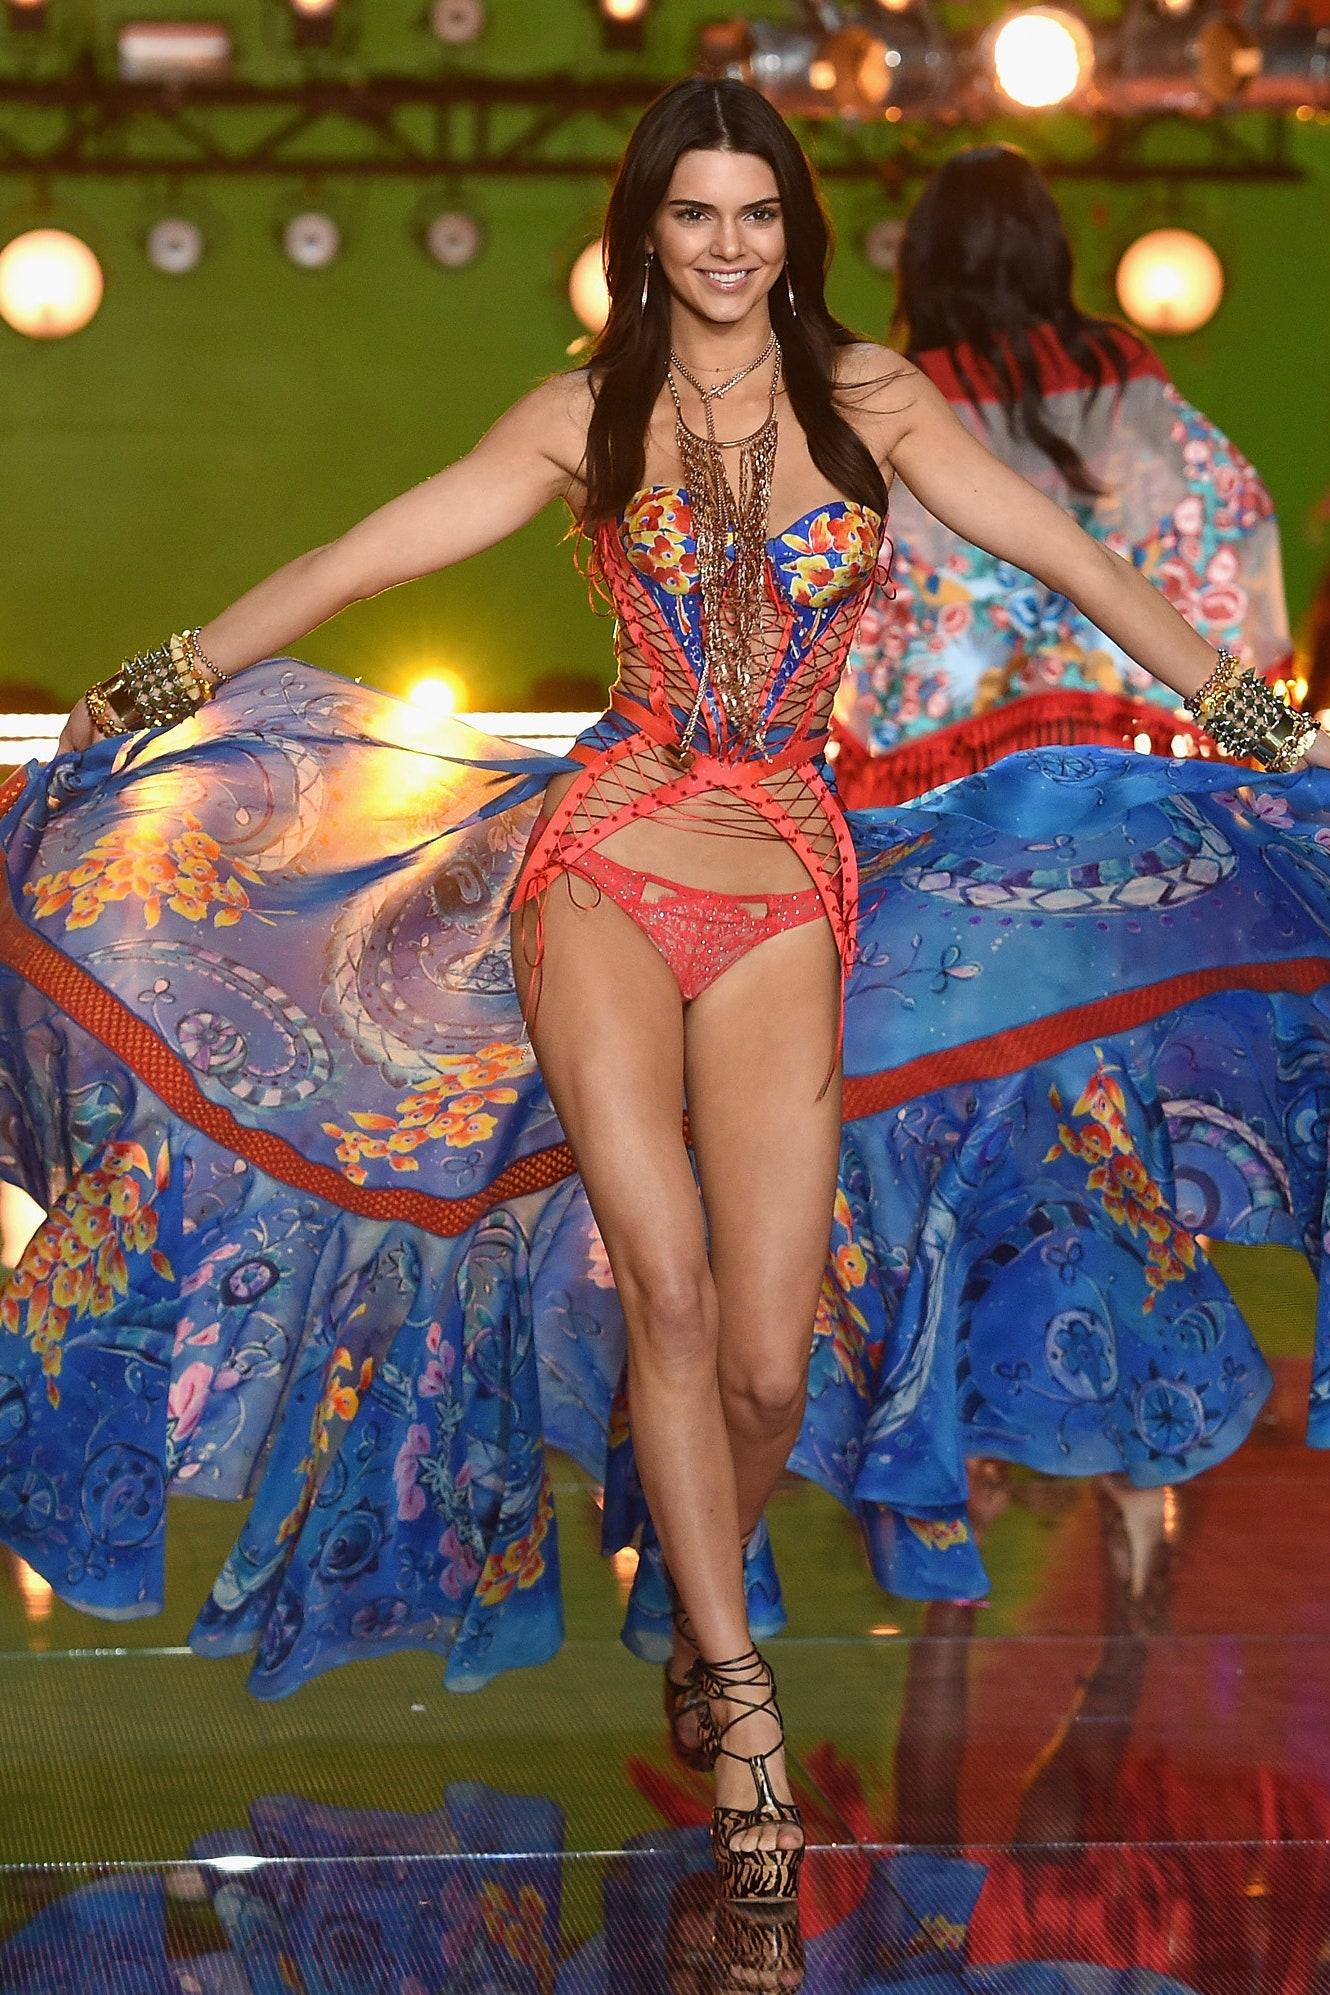 5 lí do đế chế nội y Victorias Secret sụp đổ: Buôn bán và tiếp thị tình dục, phân biệt phụ nữ, thiên vị chị em Gigi và Kendall? - Ảnh 10.